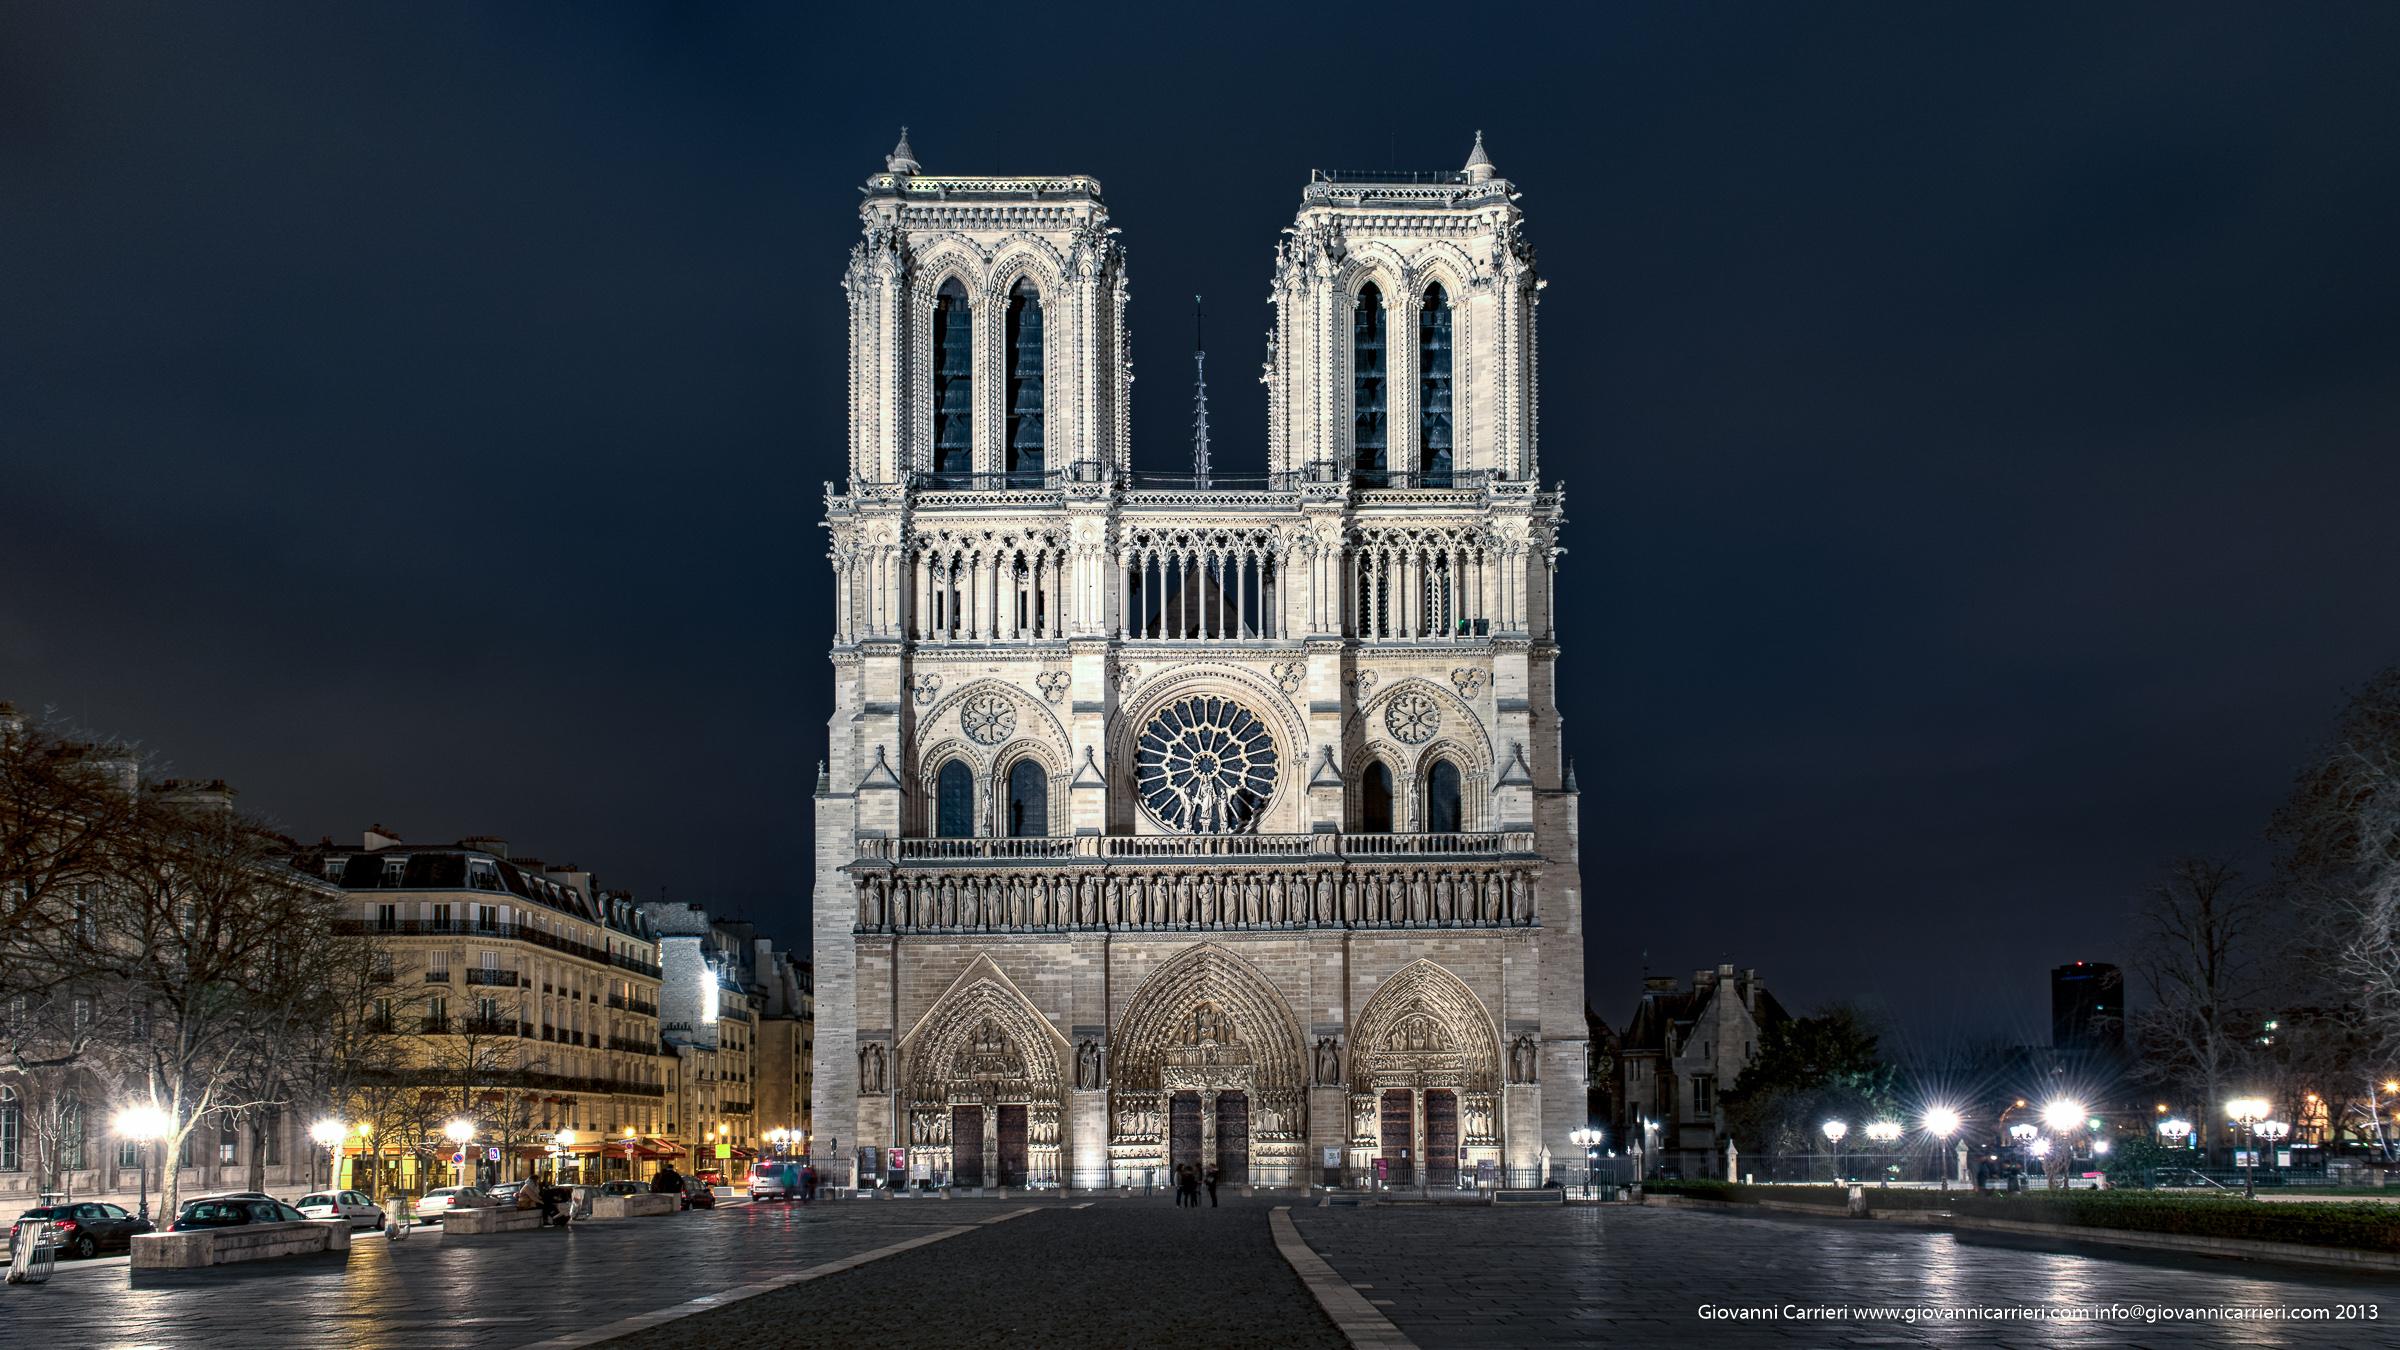 Vista frontale della Cattedrale di Notré Dame